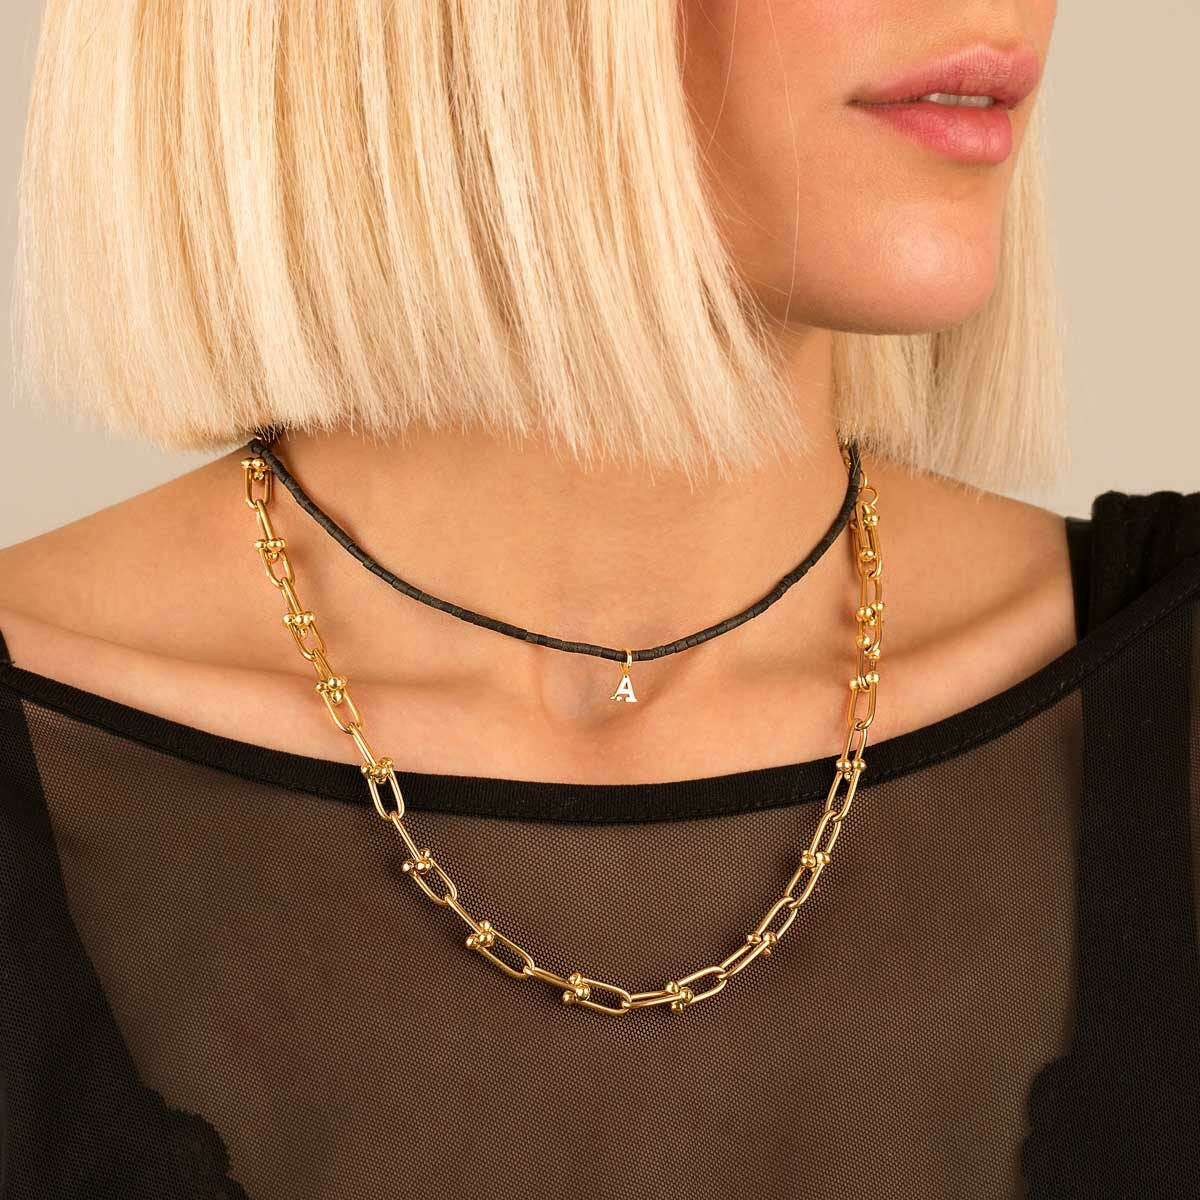 گردنبند طلا سنگی حرف A